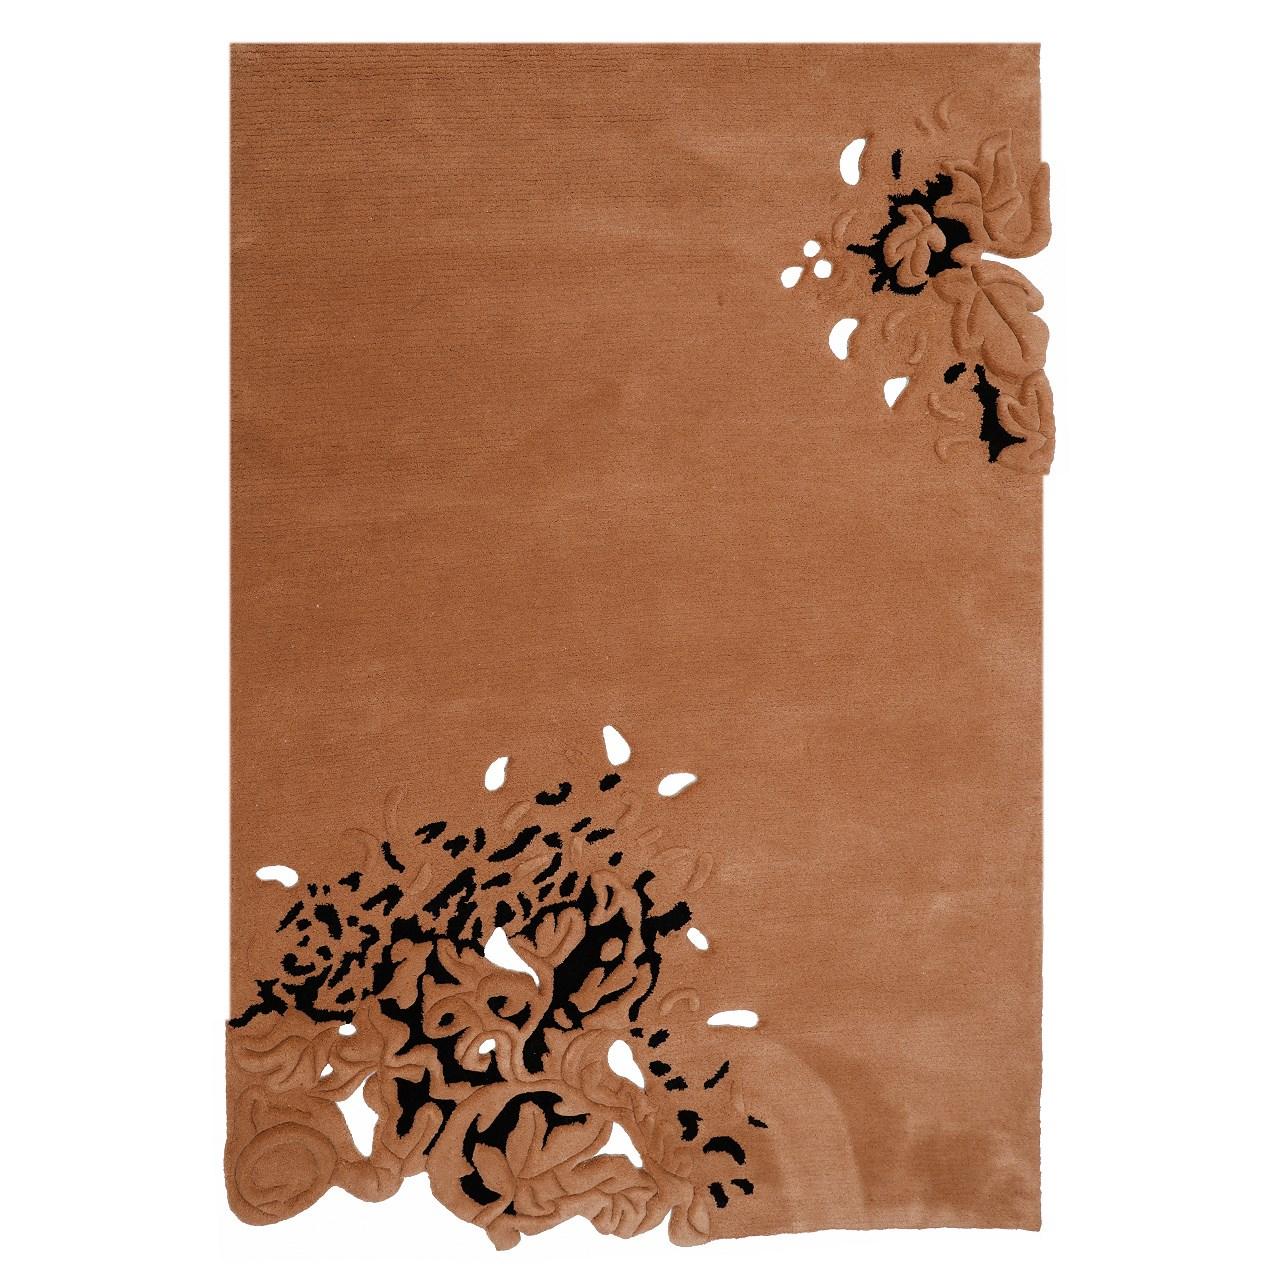 فرش بهتافت نیمه دستبافت طرح فانتزی 2350 با الیاف طبیعی سایز 150x225